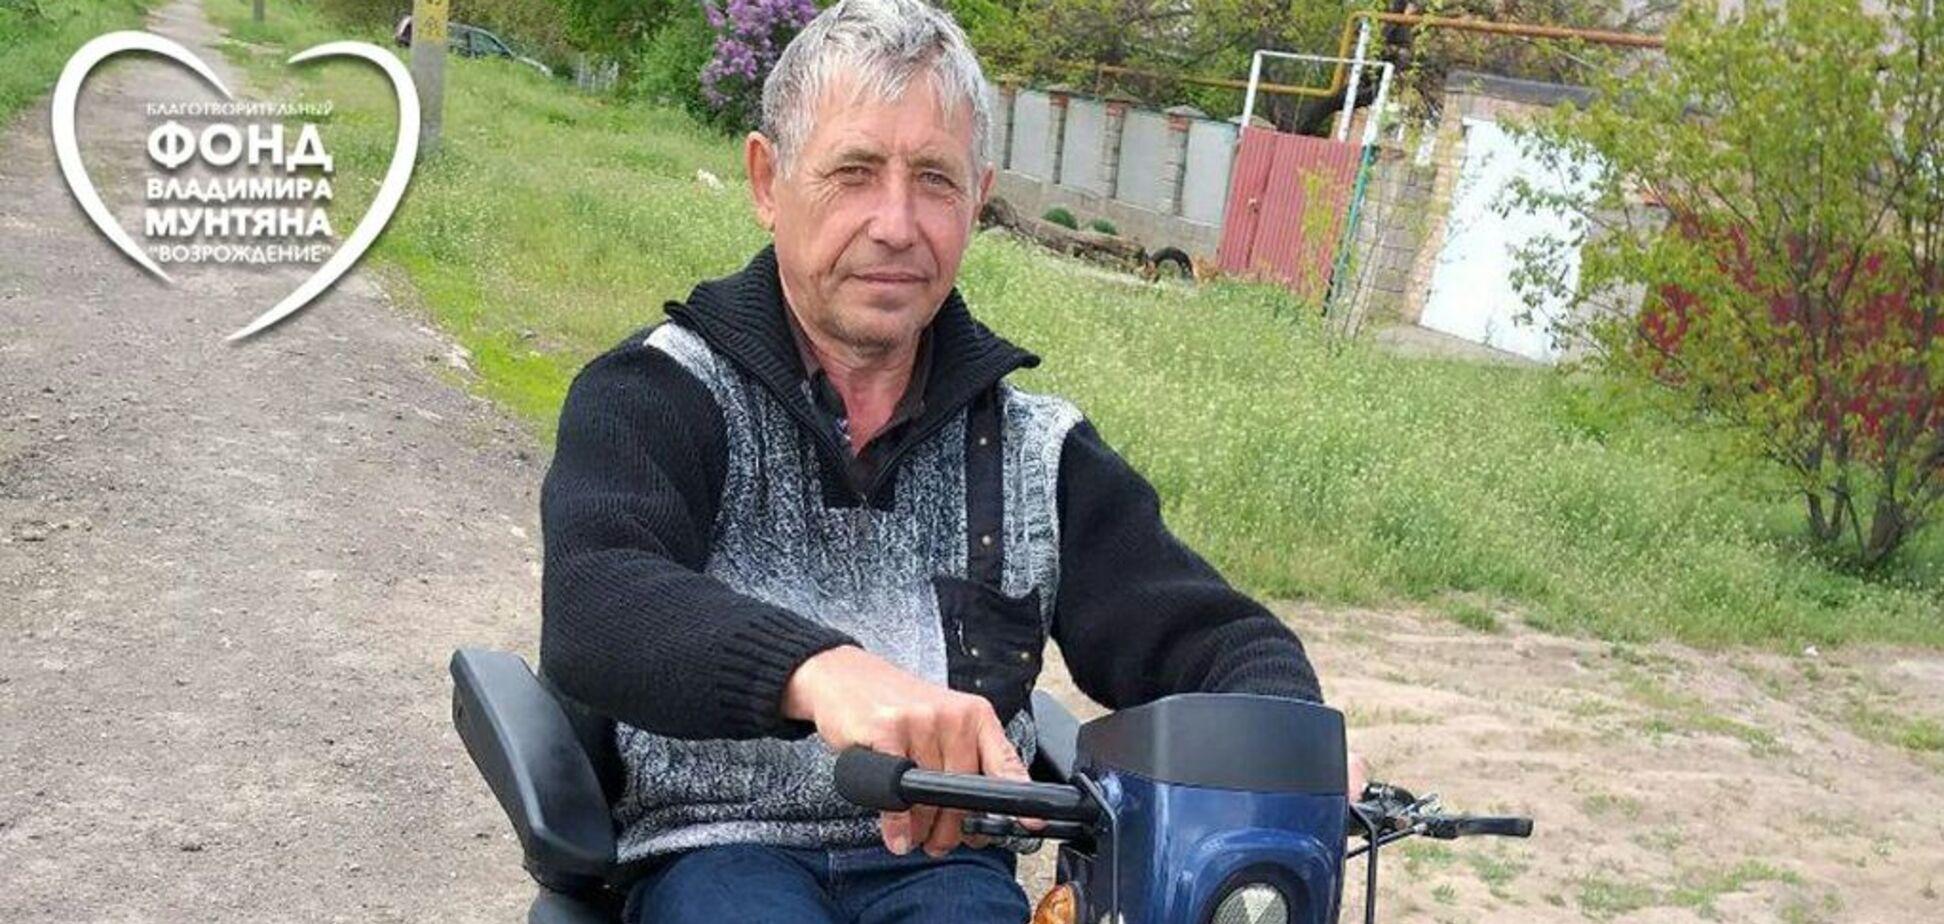 Фонд 'Возрождение' Владимира Мунтян продолжает помогать людям